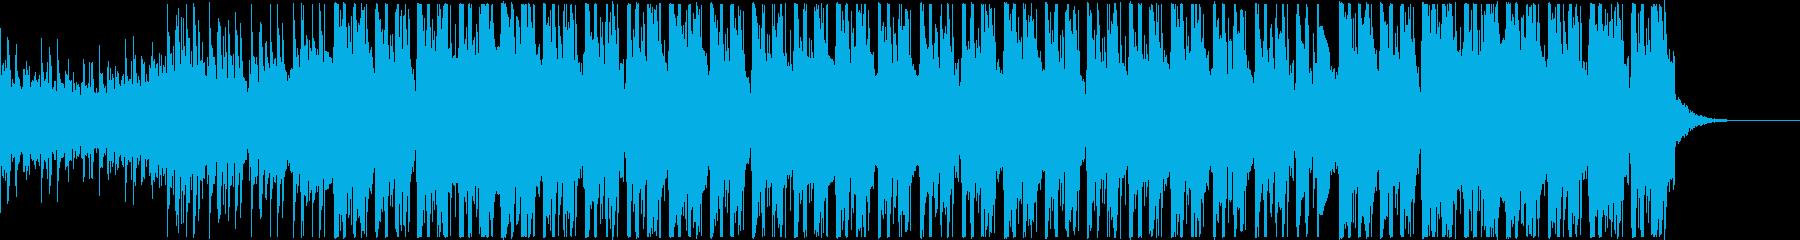 ヒーリング ヨガ アンビエント♪の再生済みの波形